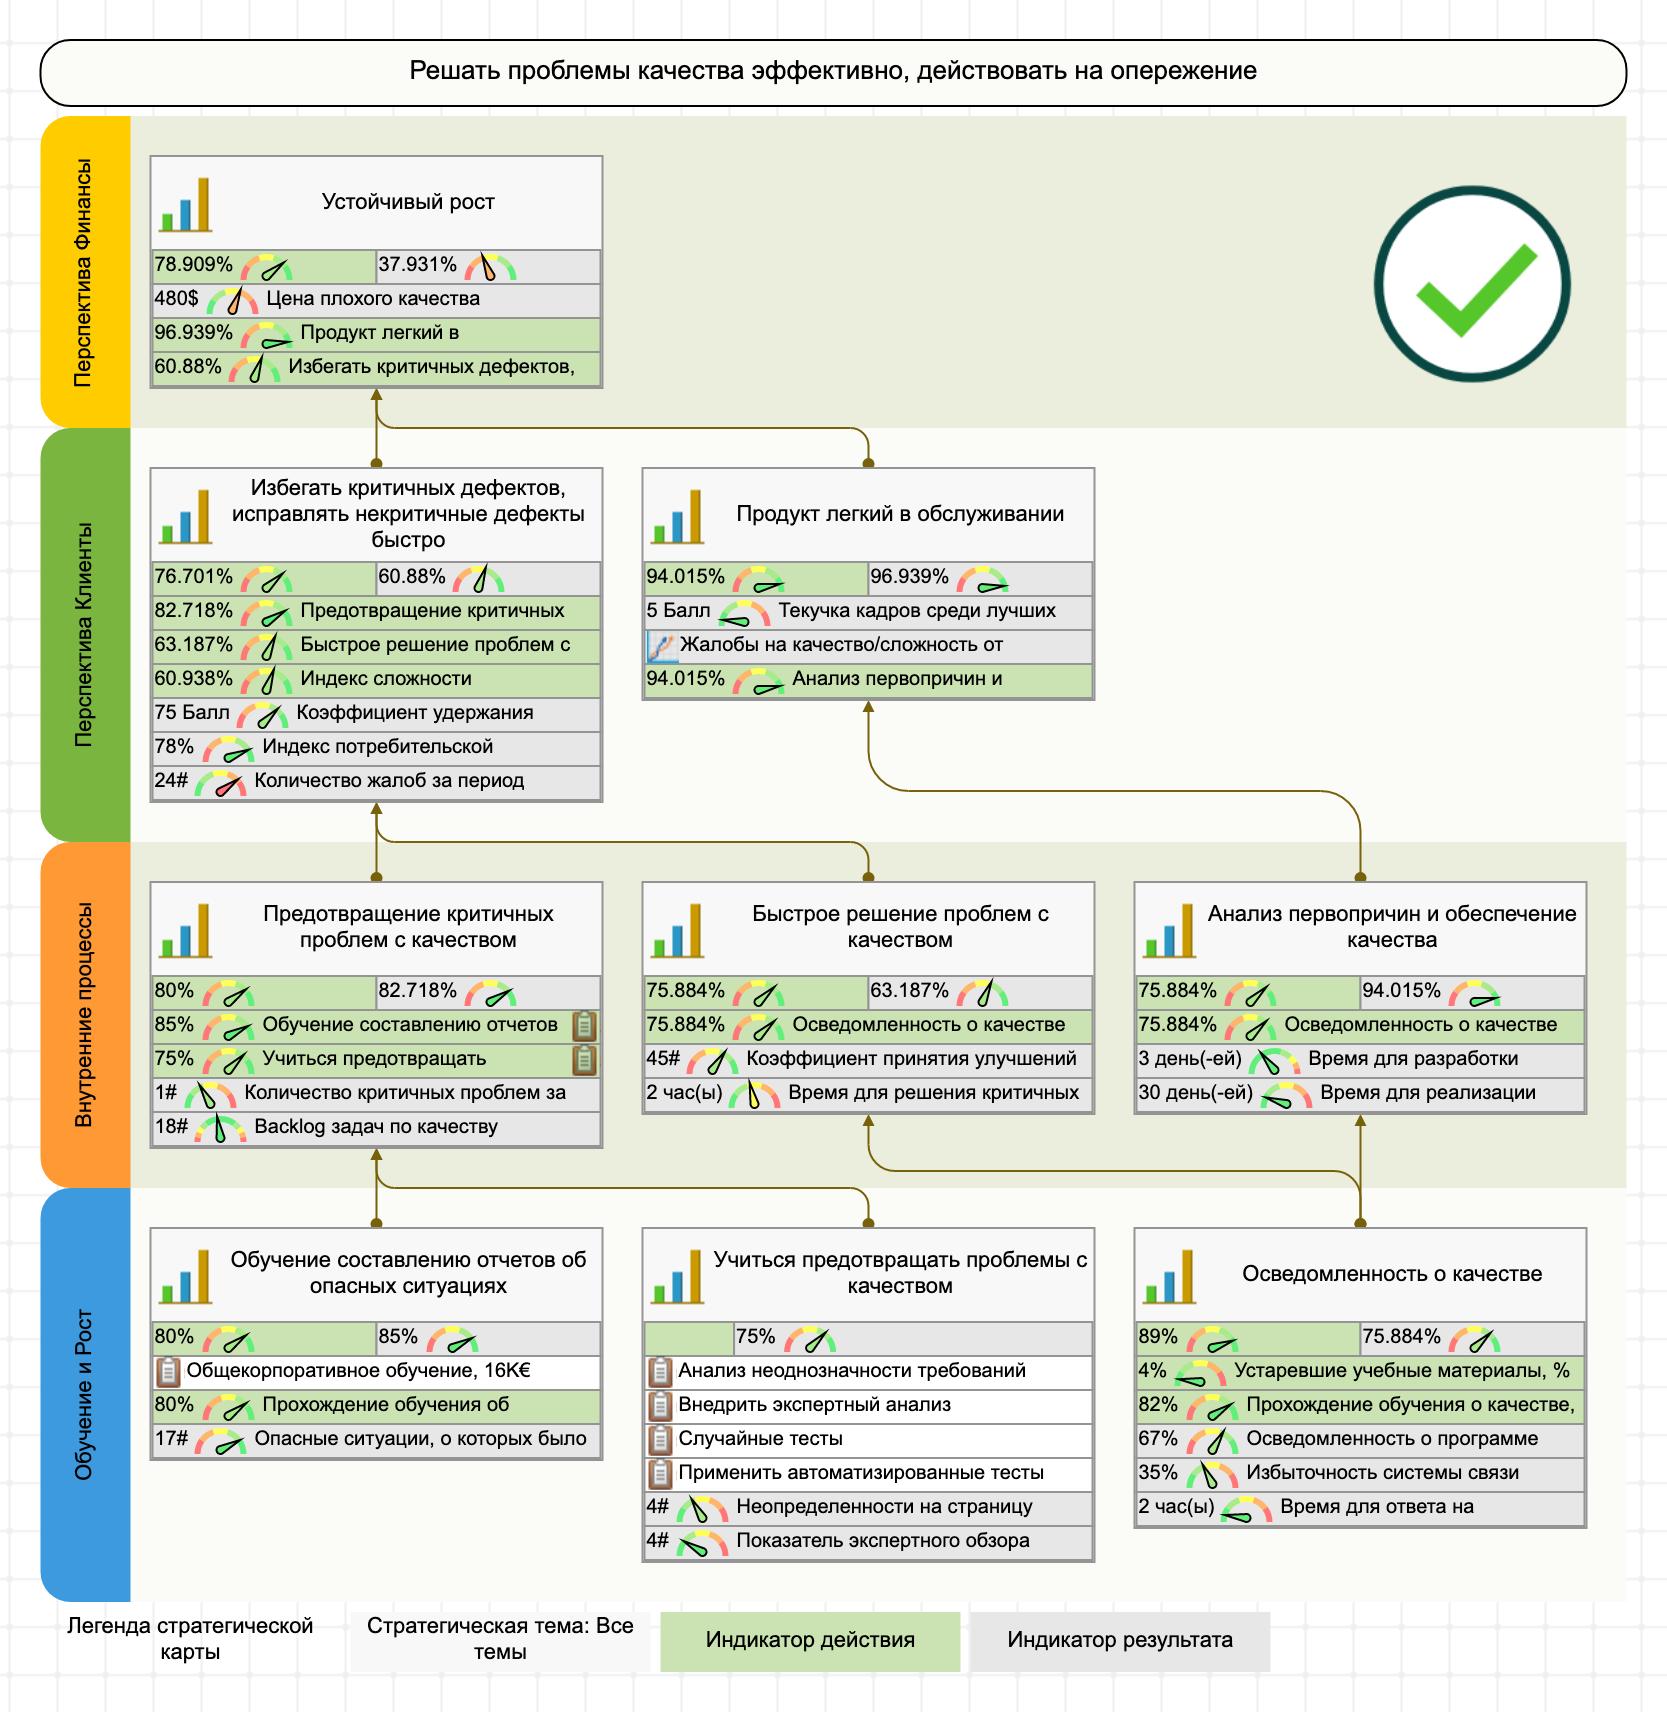 ССП и стратегическая карта качества